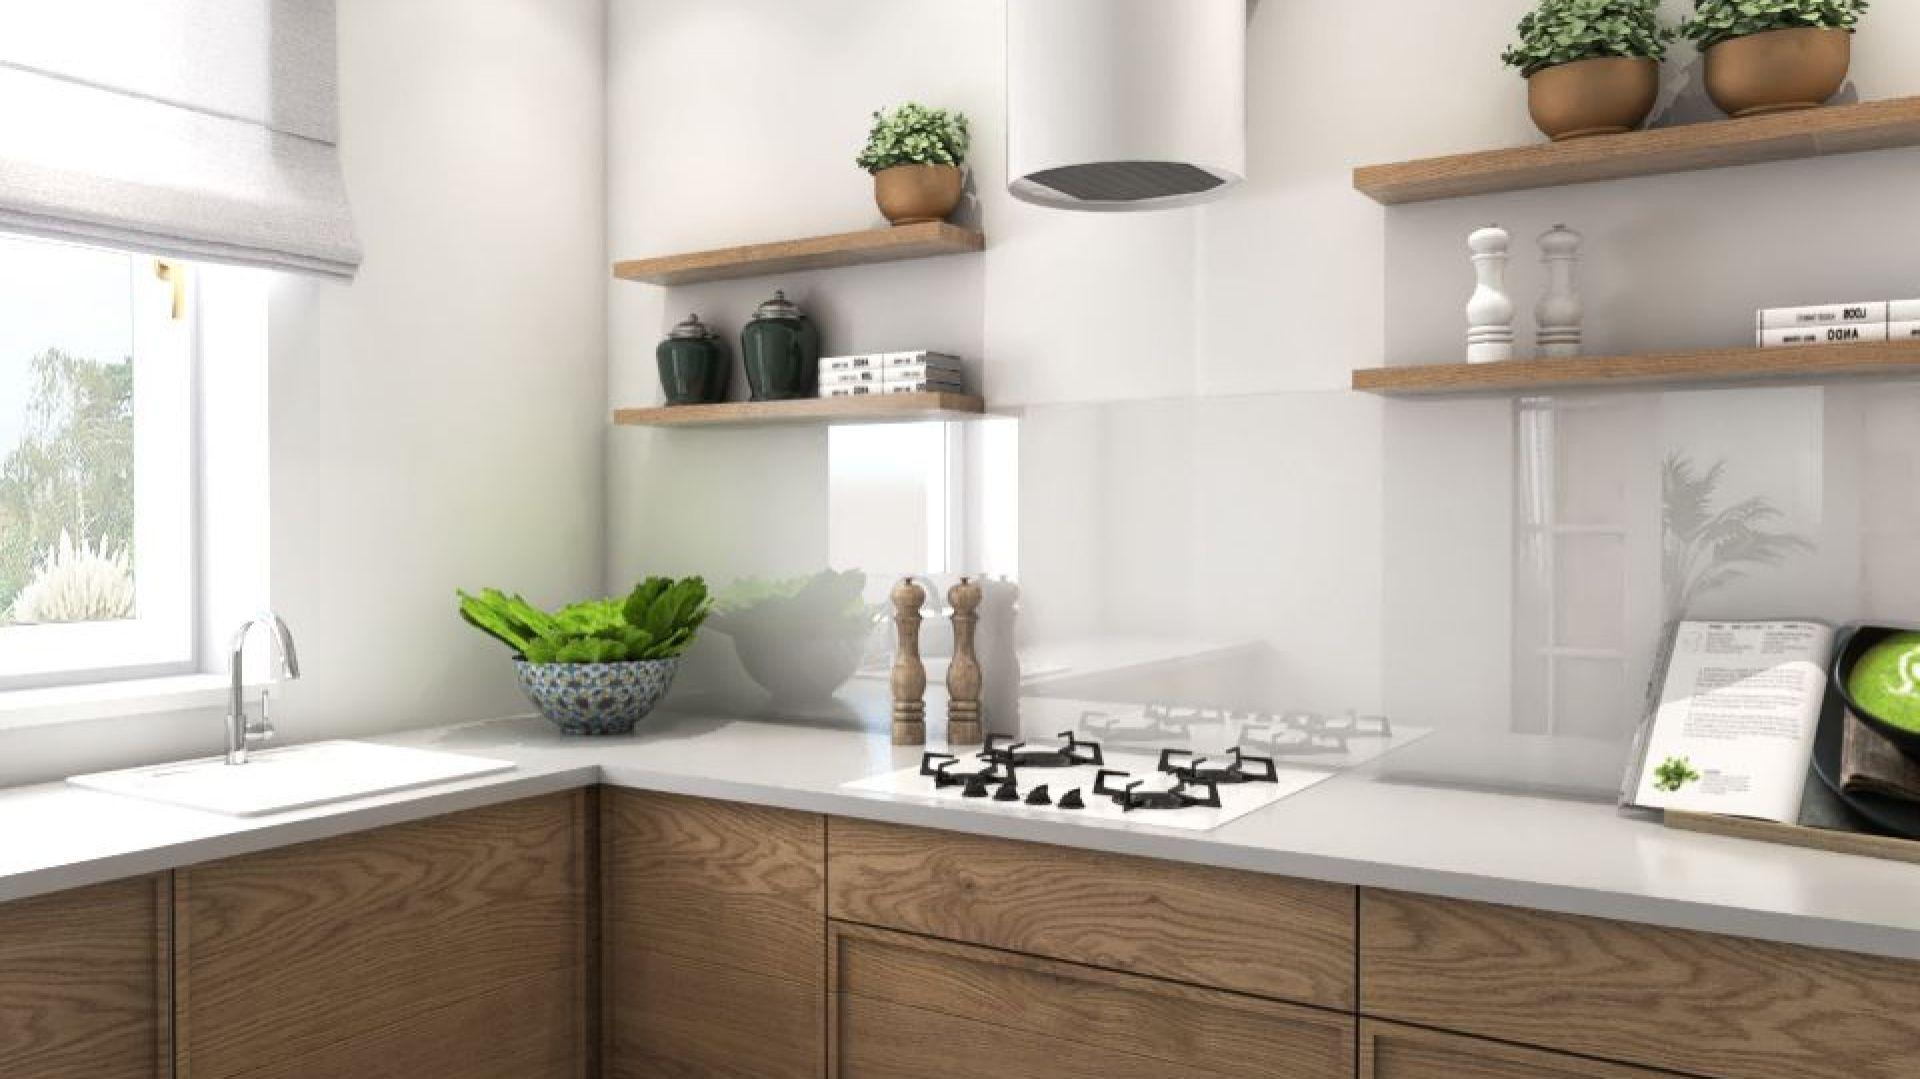 Póki zamiast szafek górnych eksponują naczynia, rośliny i dekoracje; dolna zabudowa, ułożona w kształt litery L, z frontami z drewna dębowego. Projekt i zdjęcia: Pracownia Architektoniczna MGN